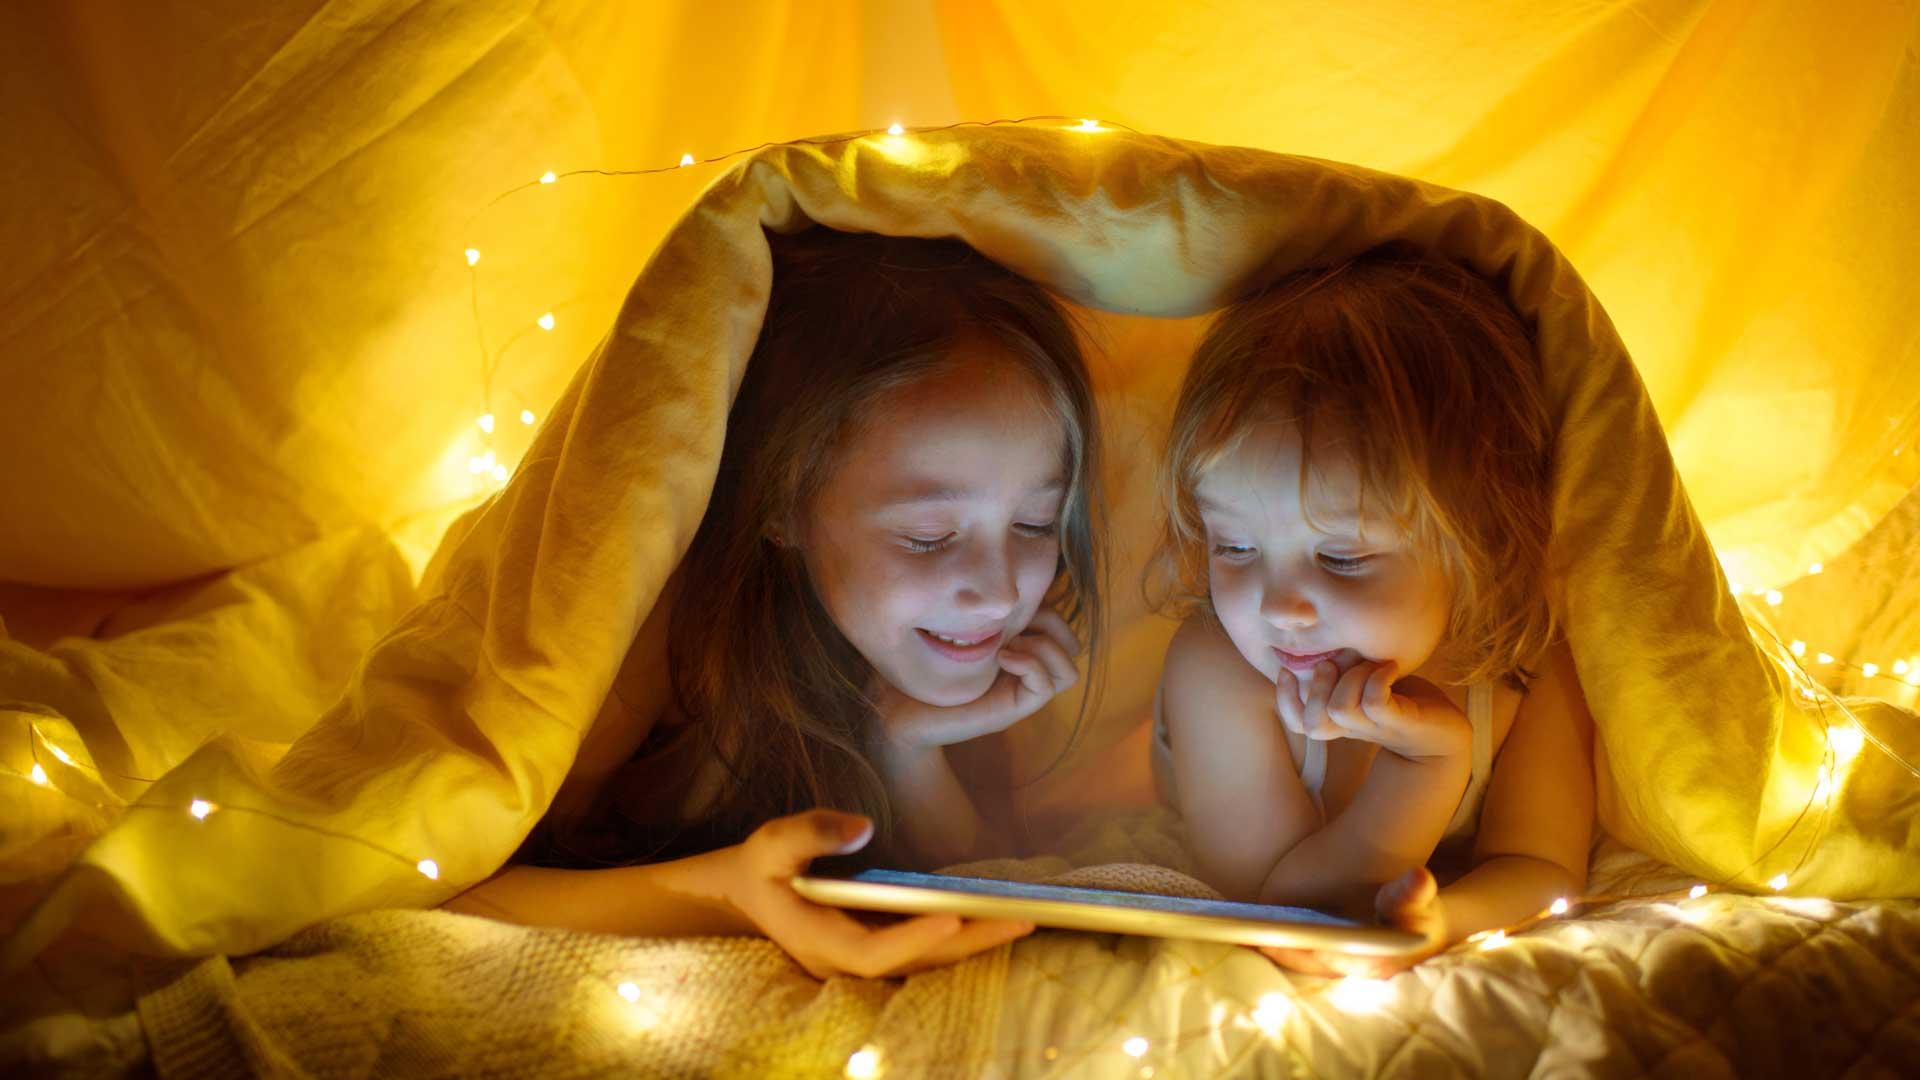 Corona-Zeit zu Hause mit Kindern und Jugendlichen: Spiele, Rätsel, Hörgeschichten und Lernvideos zur sinnvollen Beschäftigung und zum Umweltschutz